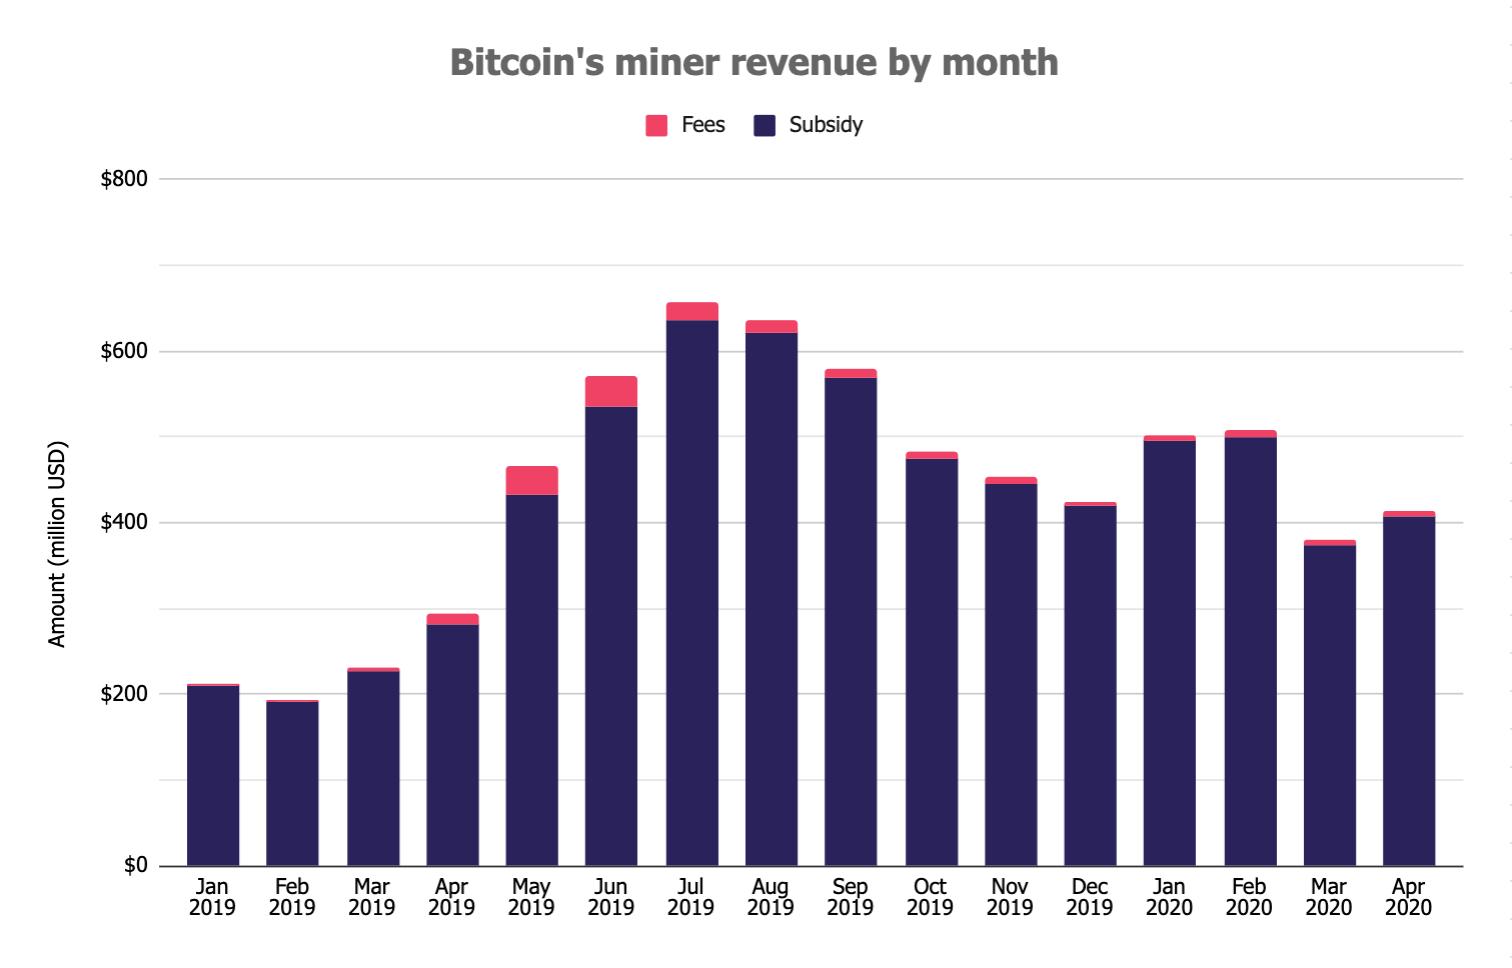 O lucro com a mineração de Bitcoin cresceu 8% no mês de abril em relação a março